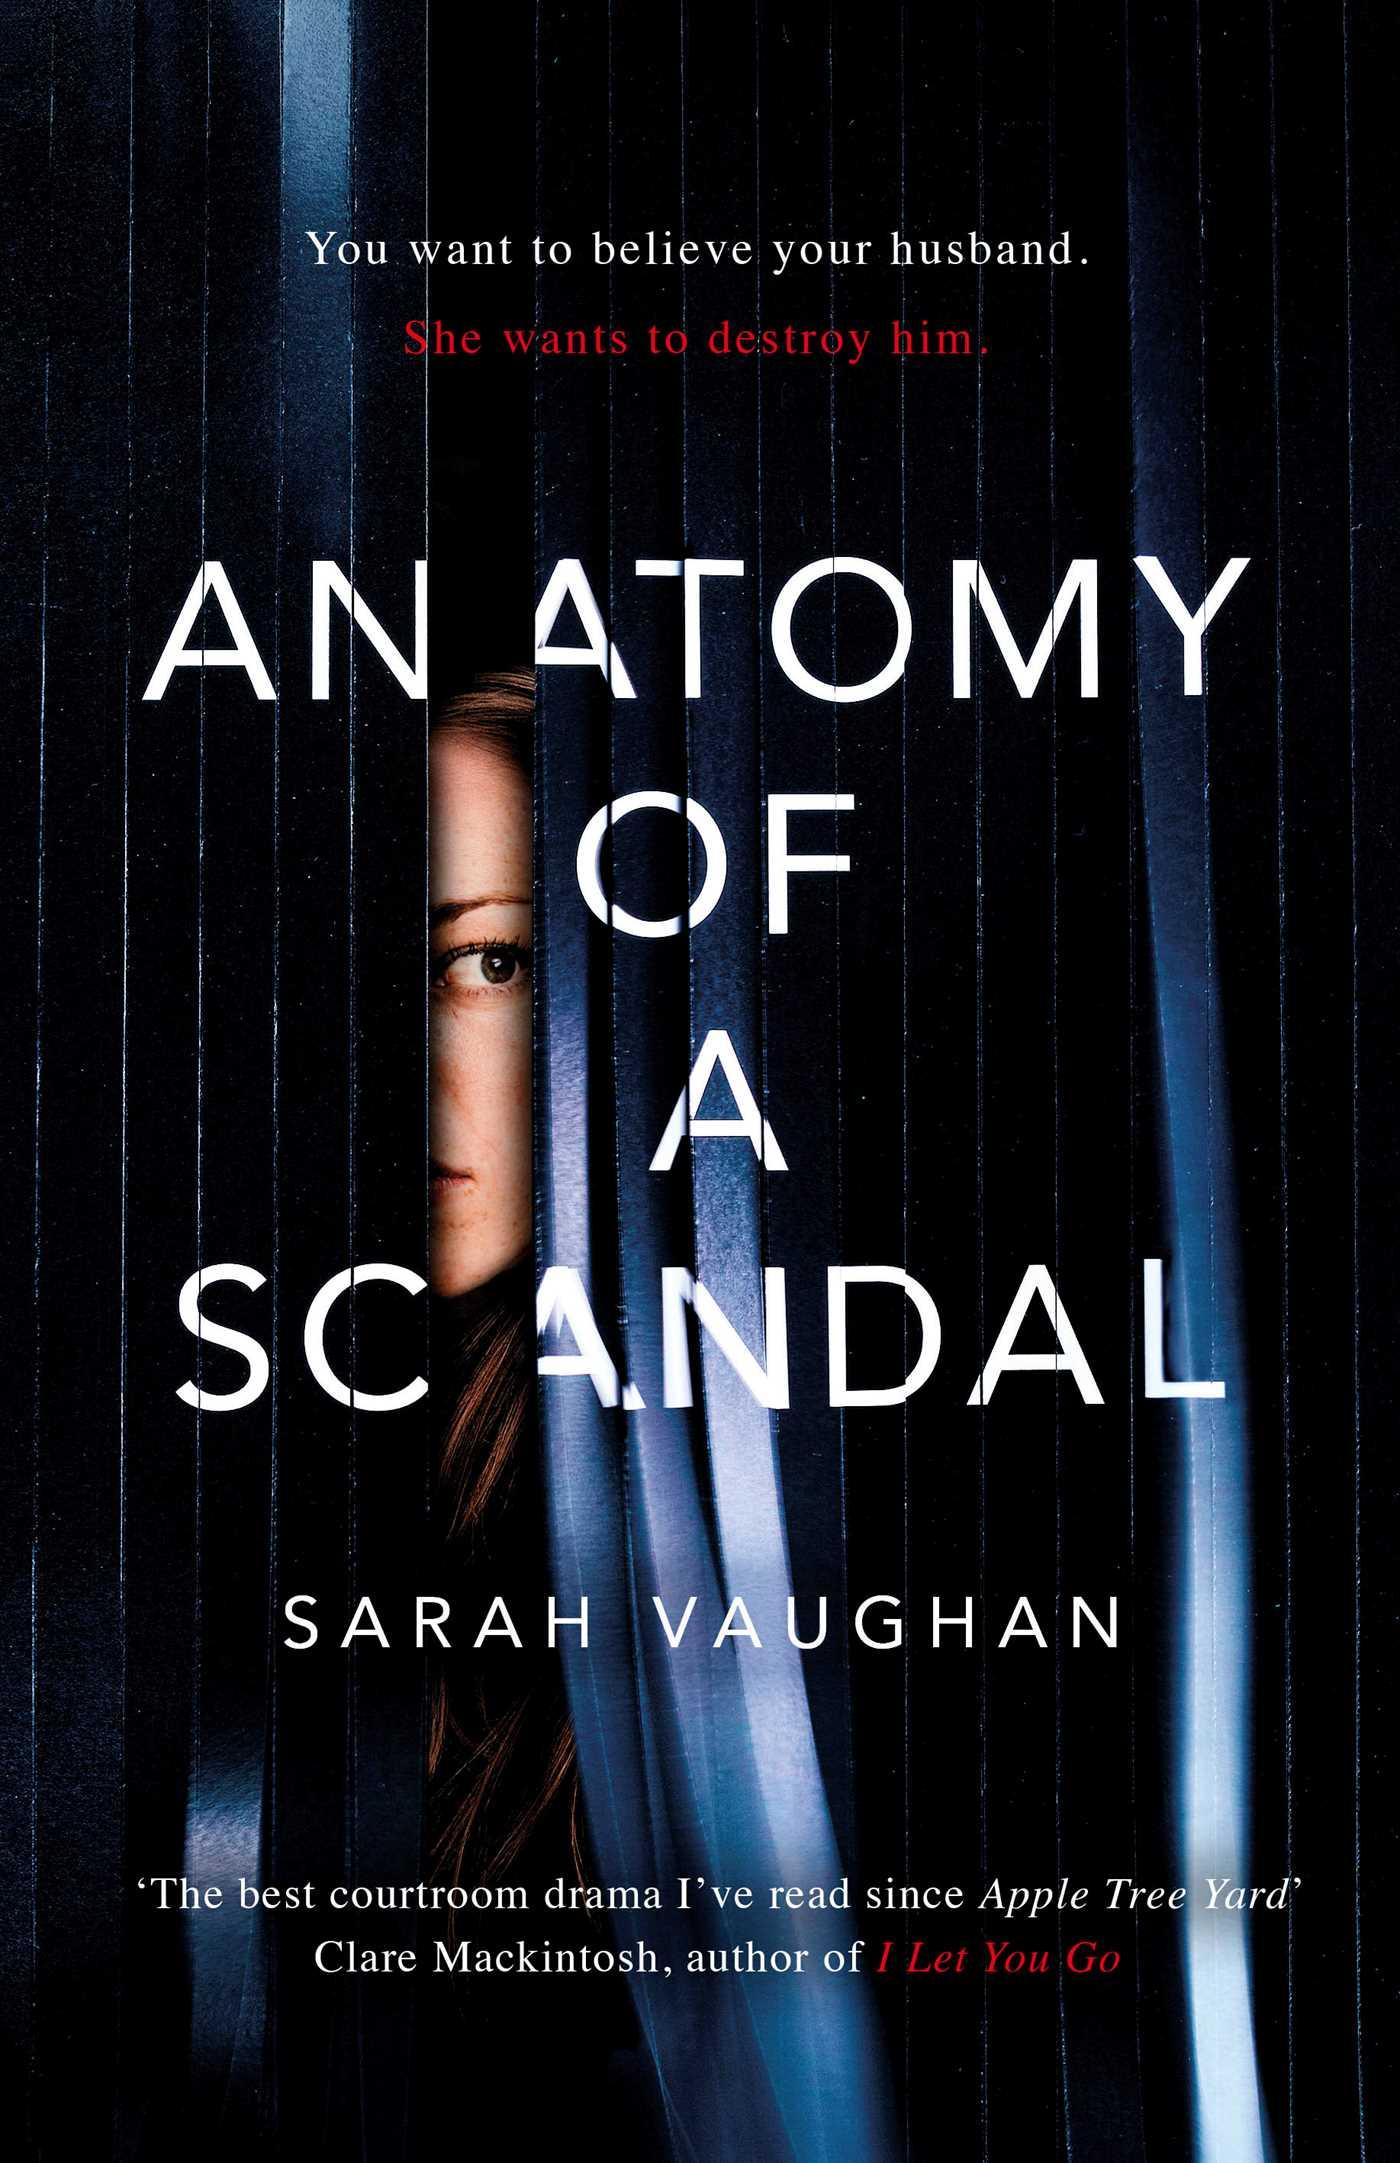 Anatomy of a scandal 9781471164996 hr